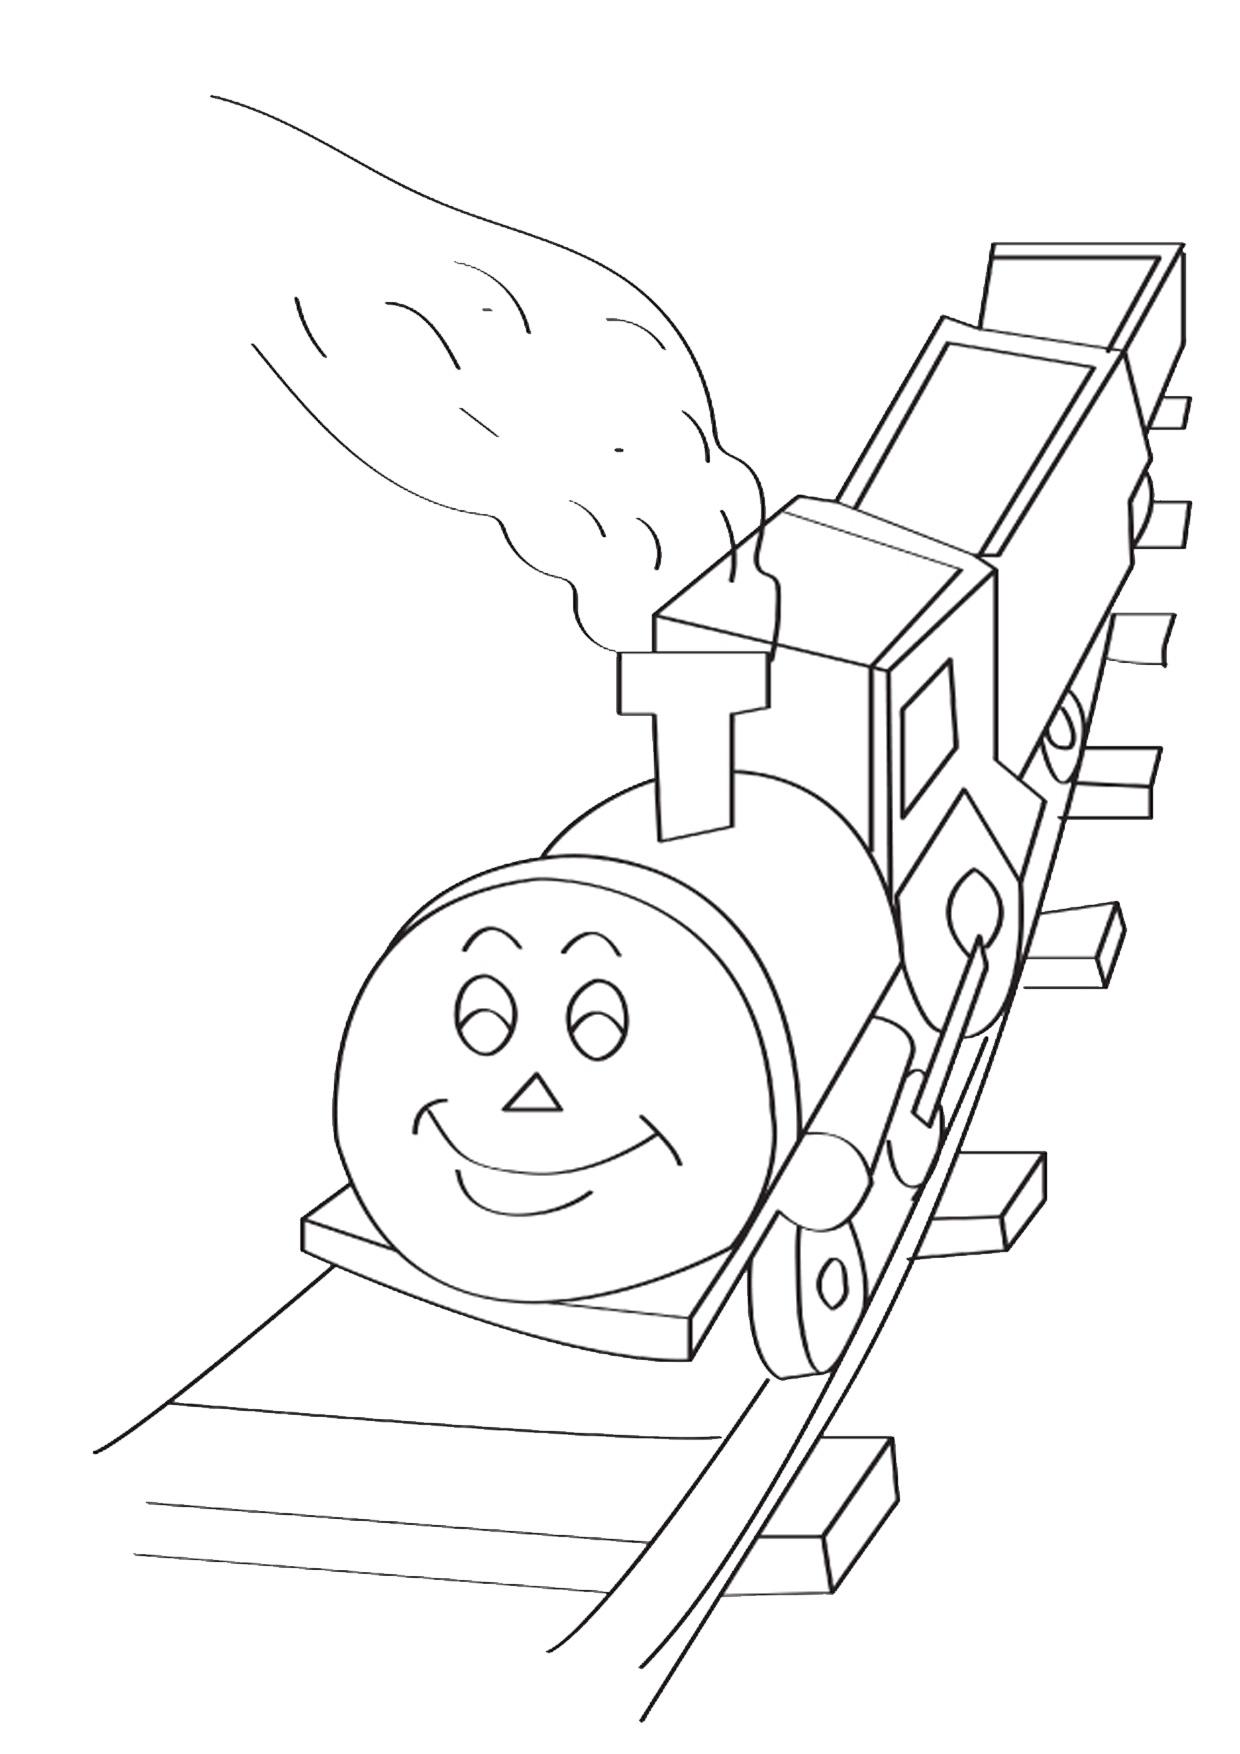 Disegno di treno cartoon da colorare 05